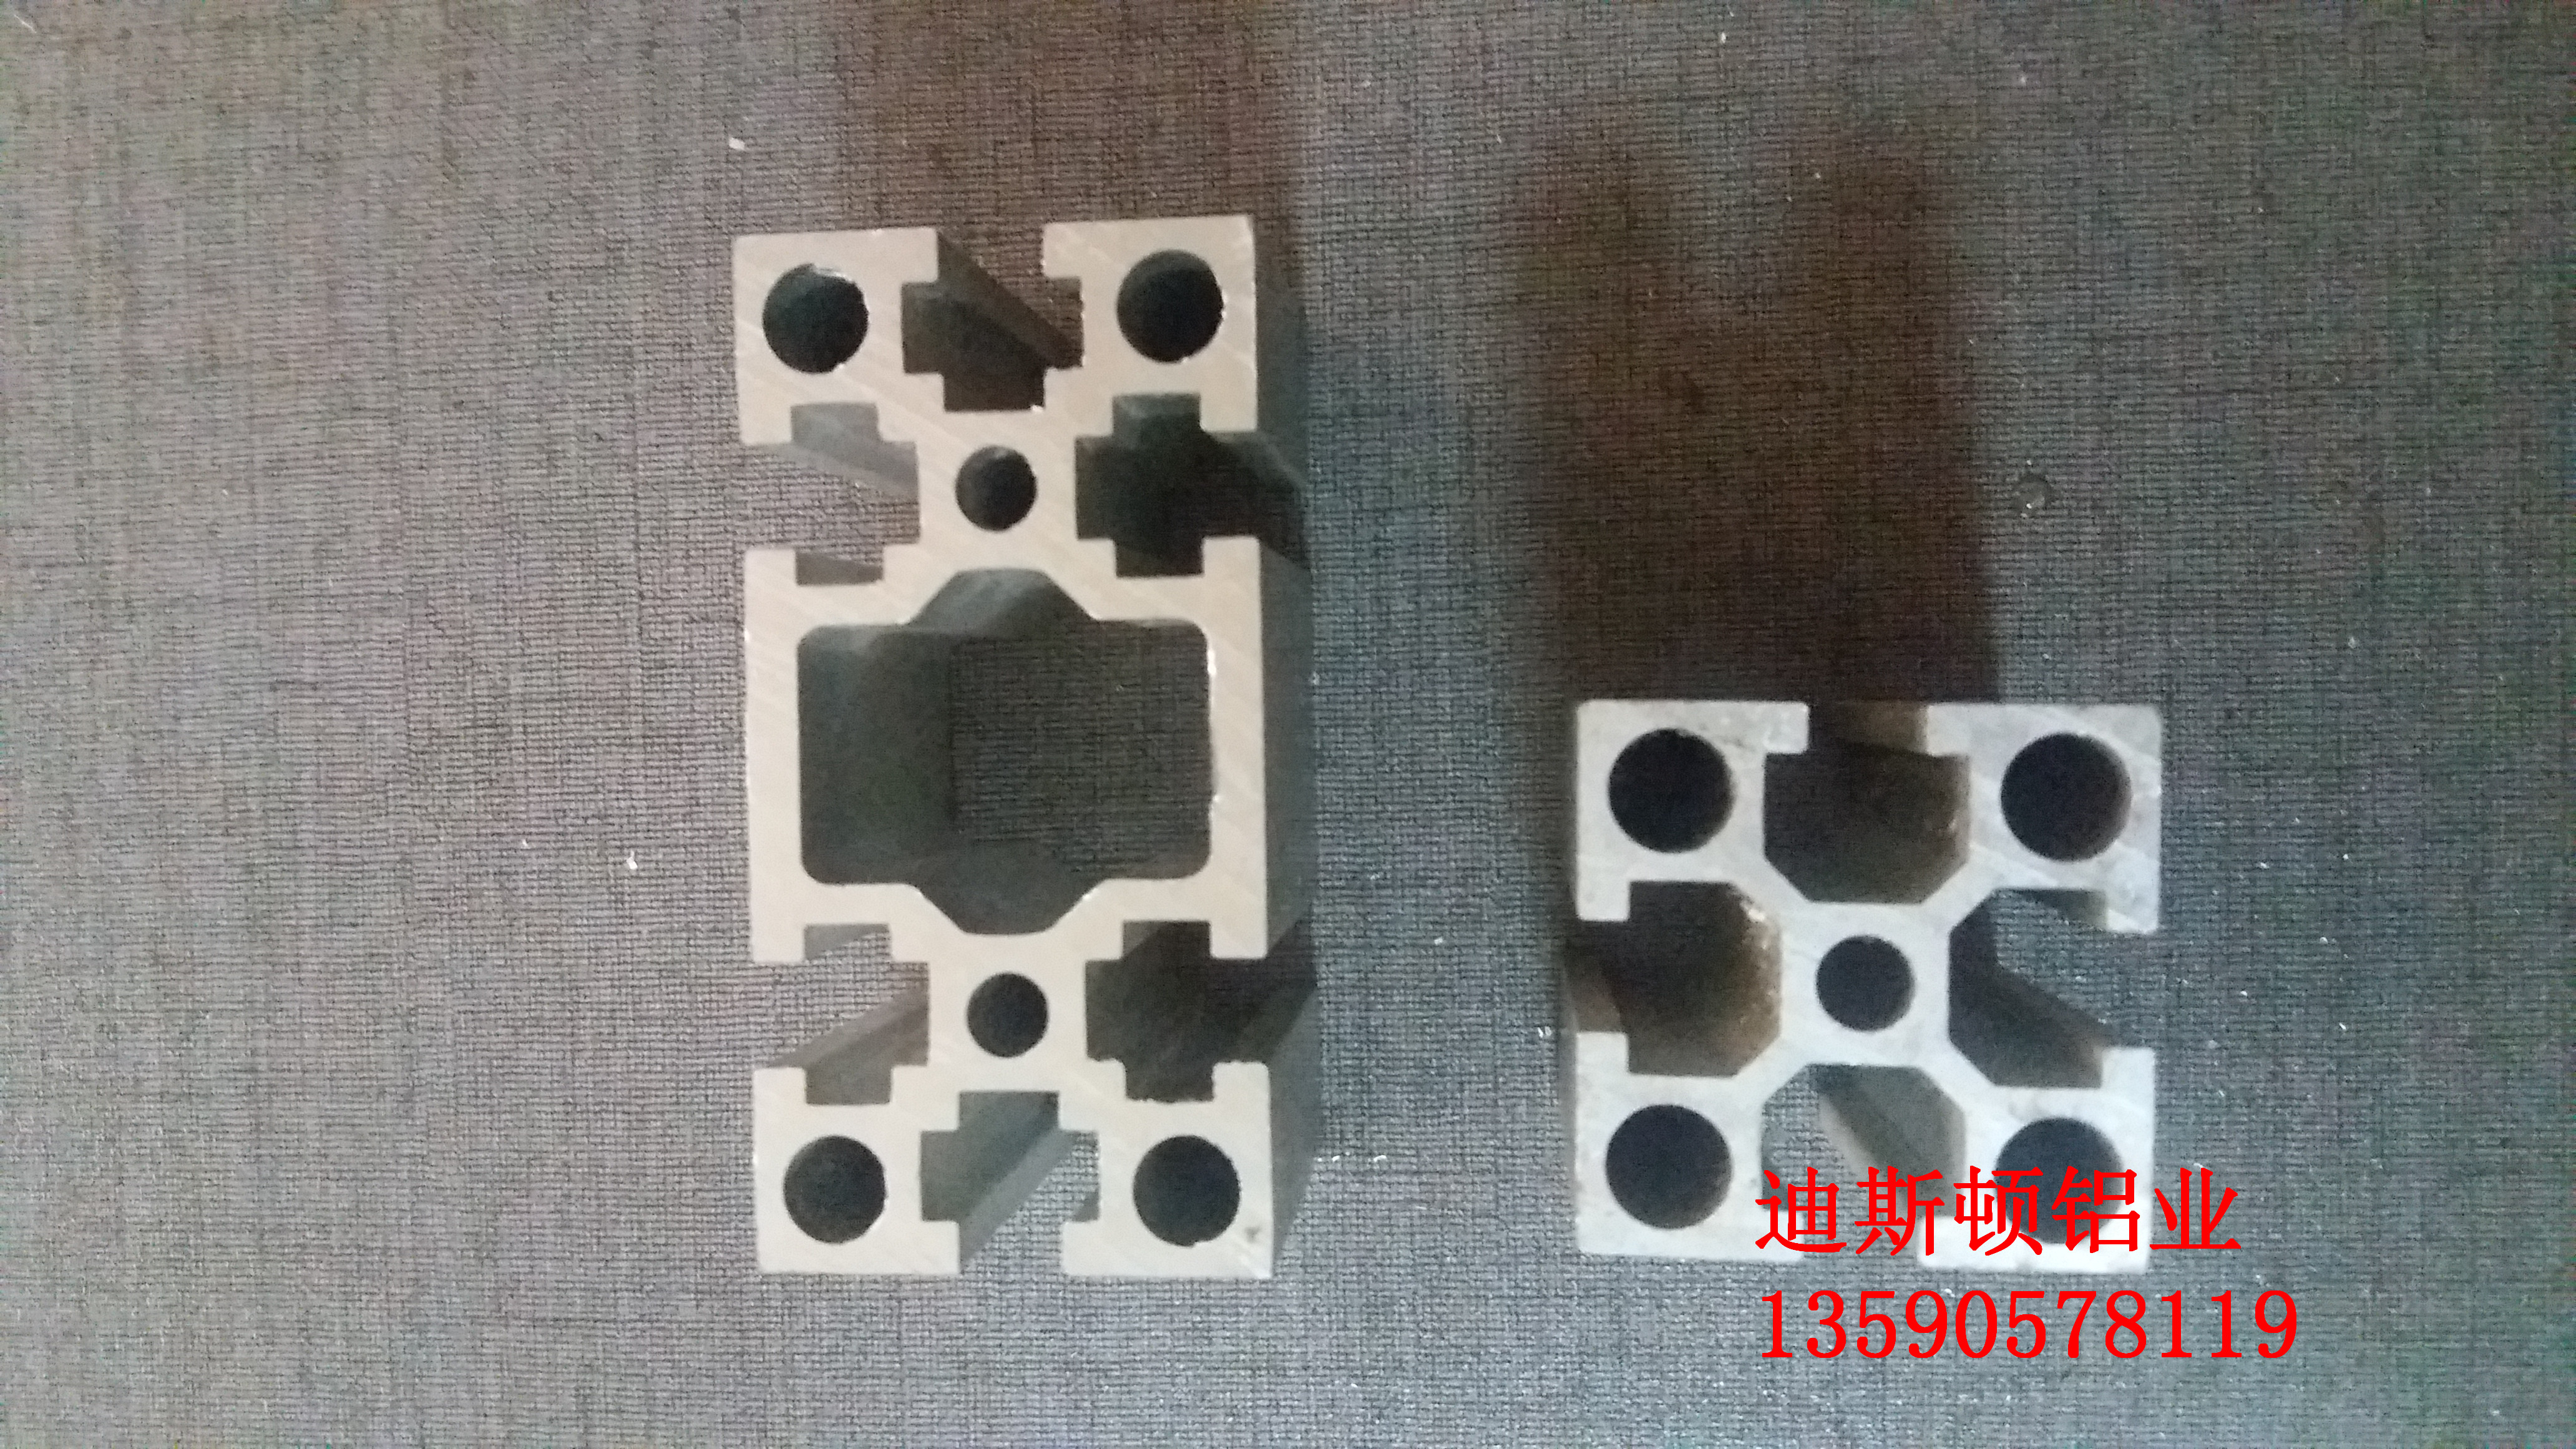 供应国标工业铝型材,佛山工业铝型材配件,工业自动化流水线国标铝型材